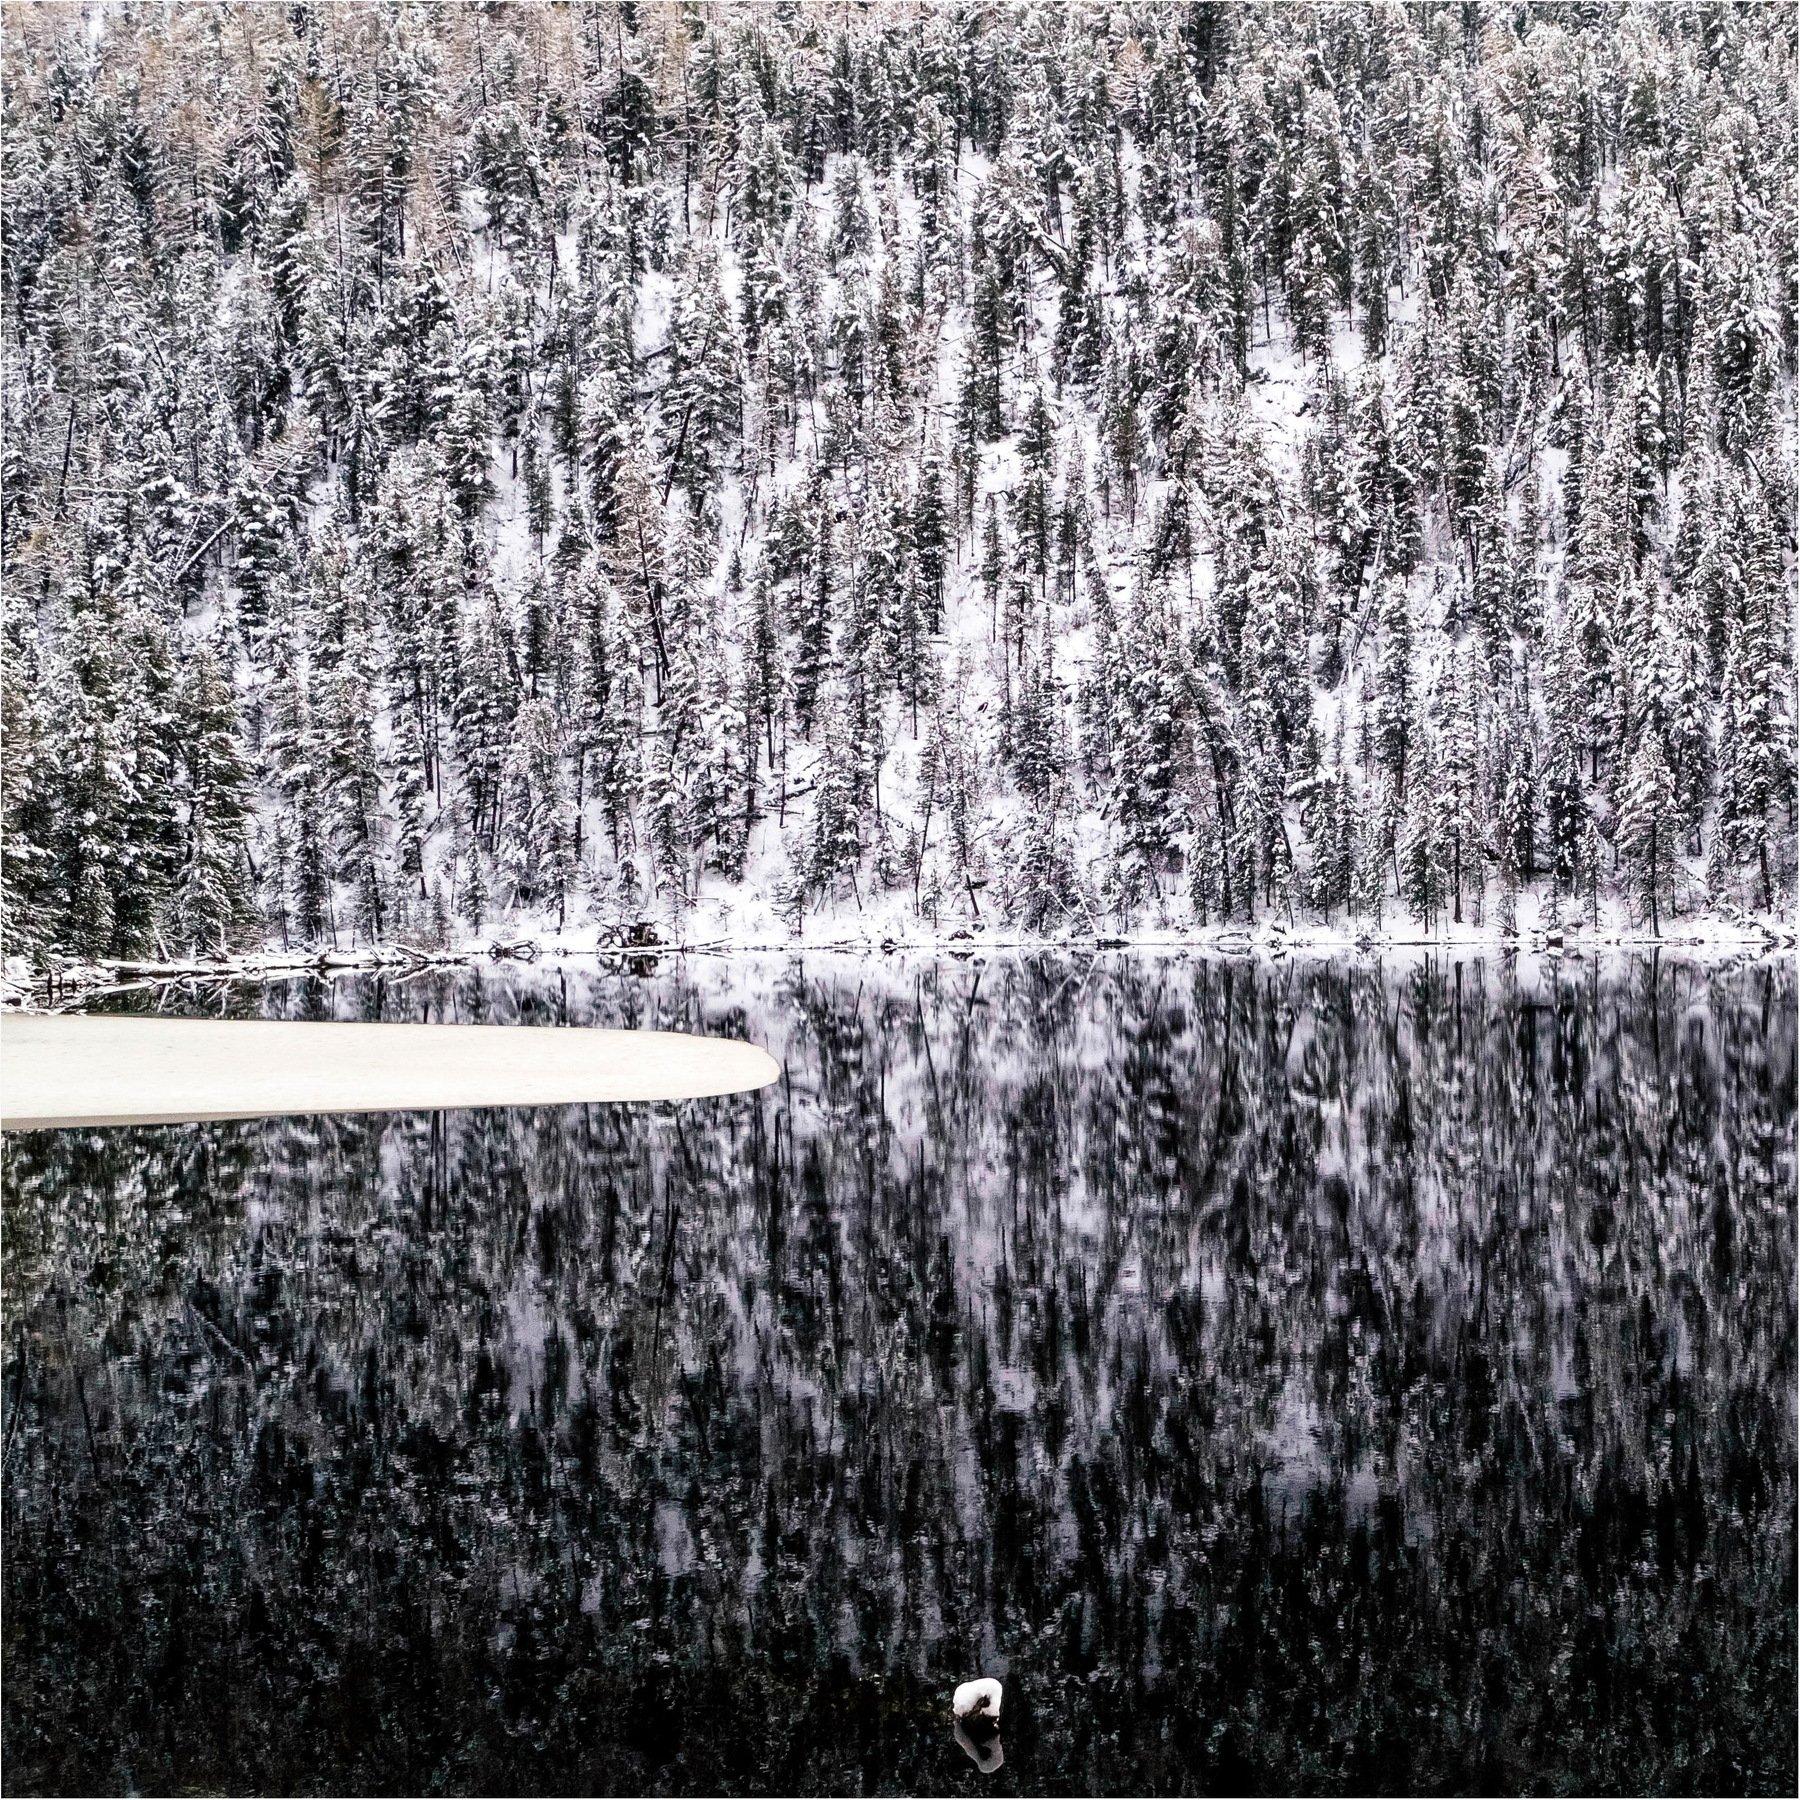 природа алтай путешествие горы озеро пейзаж отражение чейбек-коль, Людмила